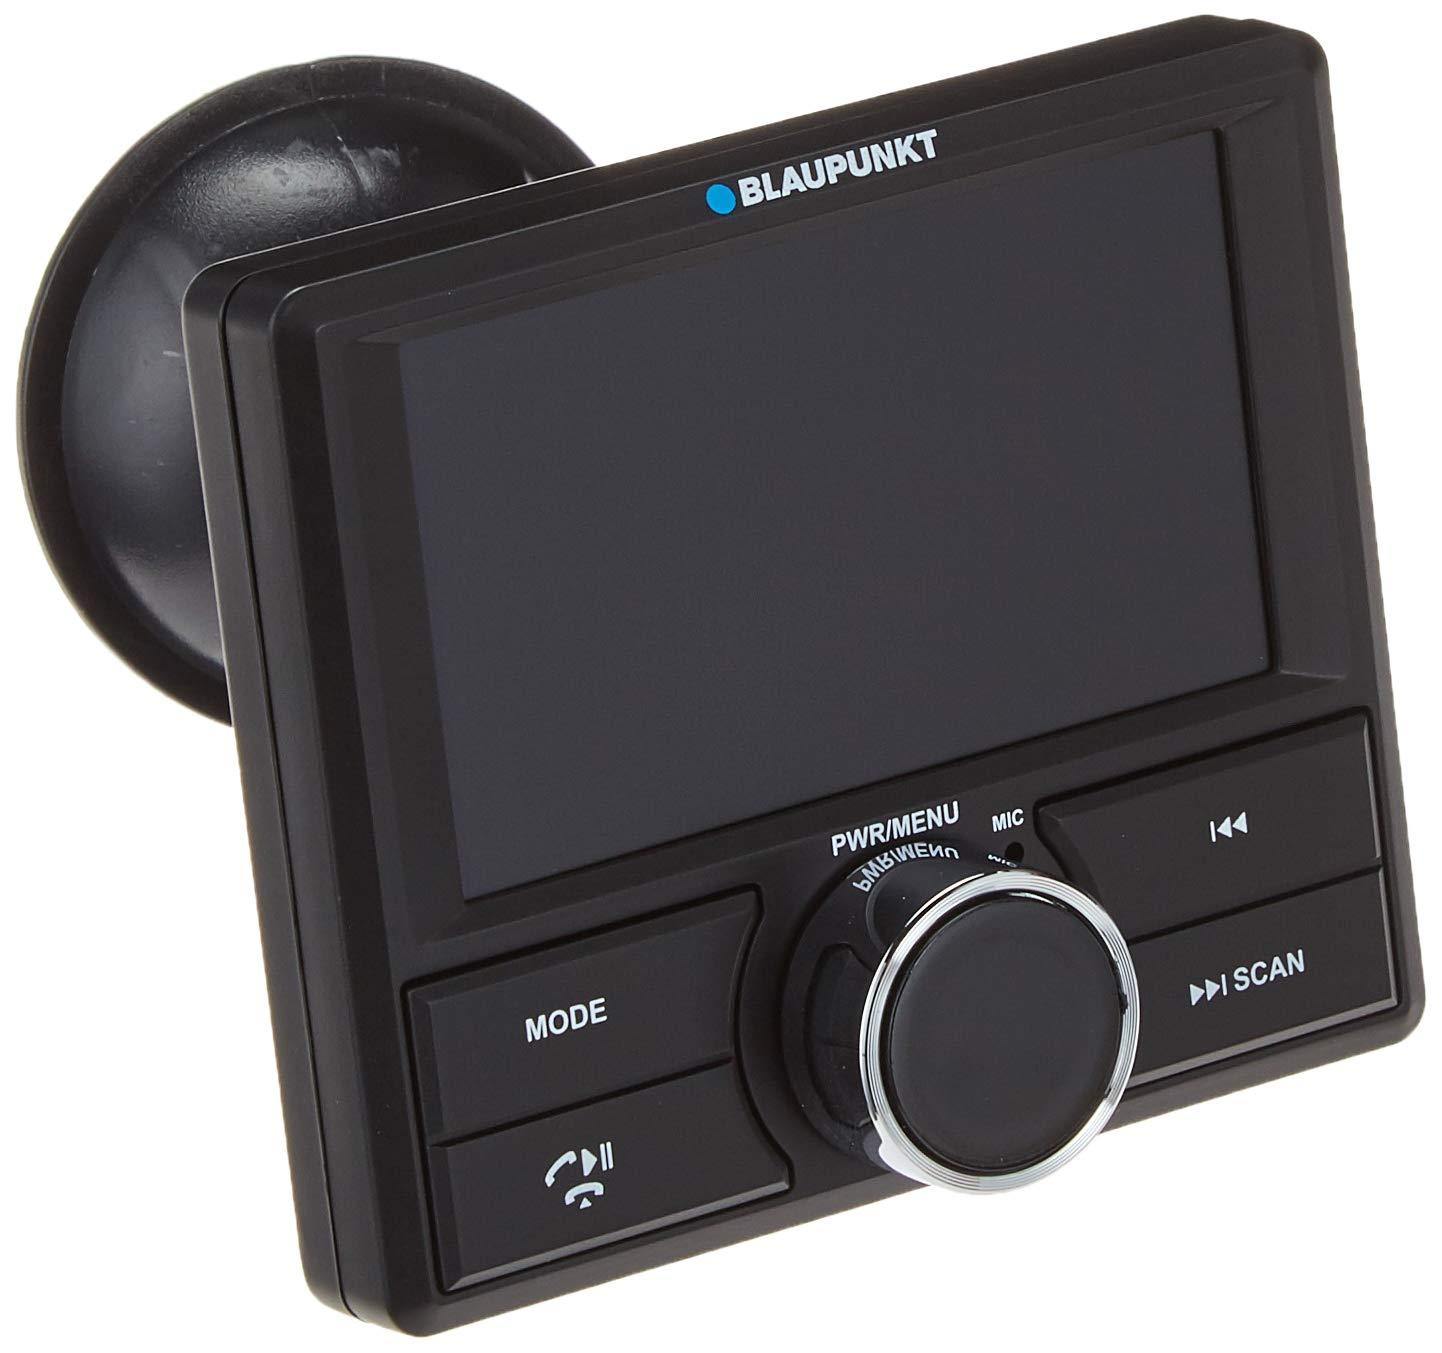 BLAUPUNKT-DAB-N-Play-370-Plug-and-Play-Car-DAB-Digital-Radio-Bluetooth-Adapter